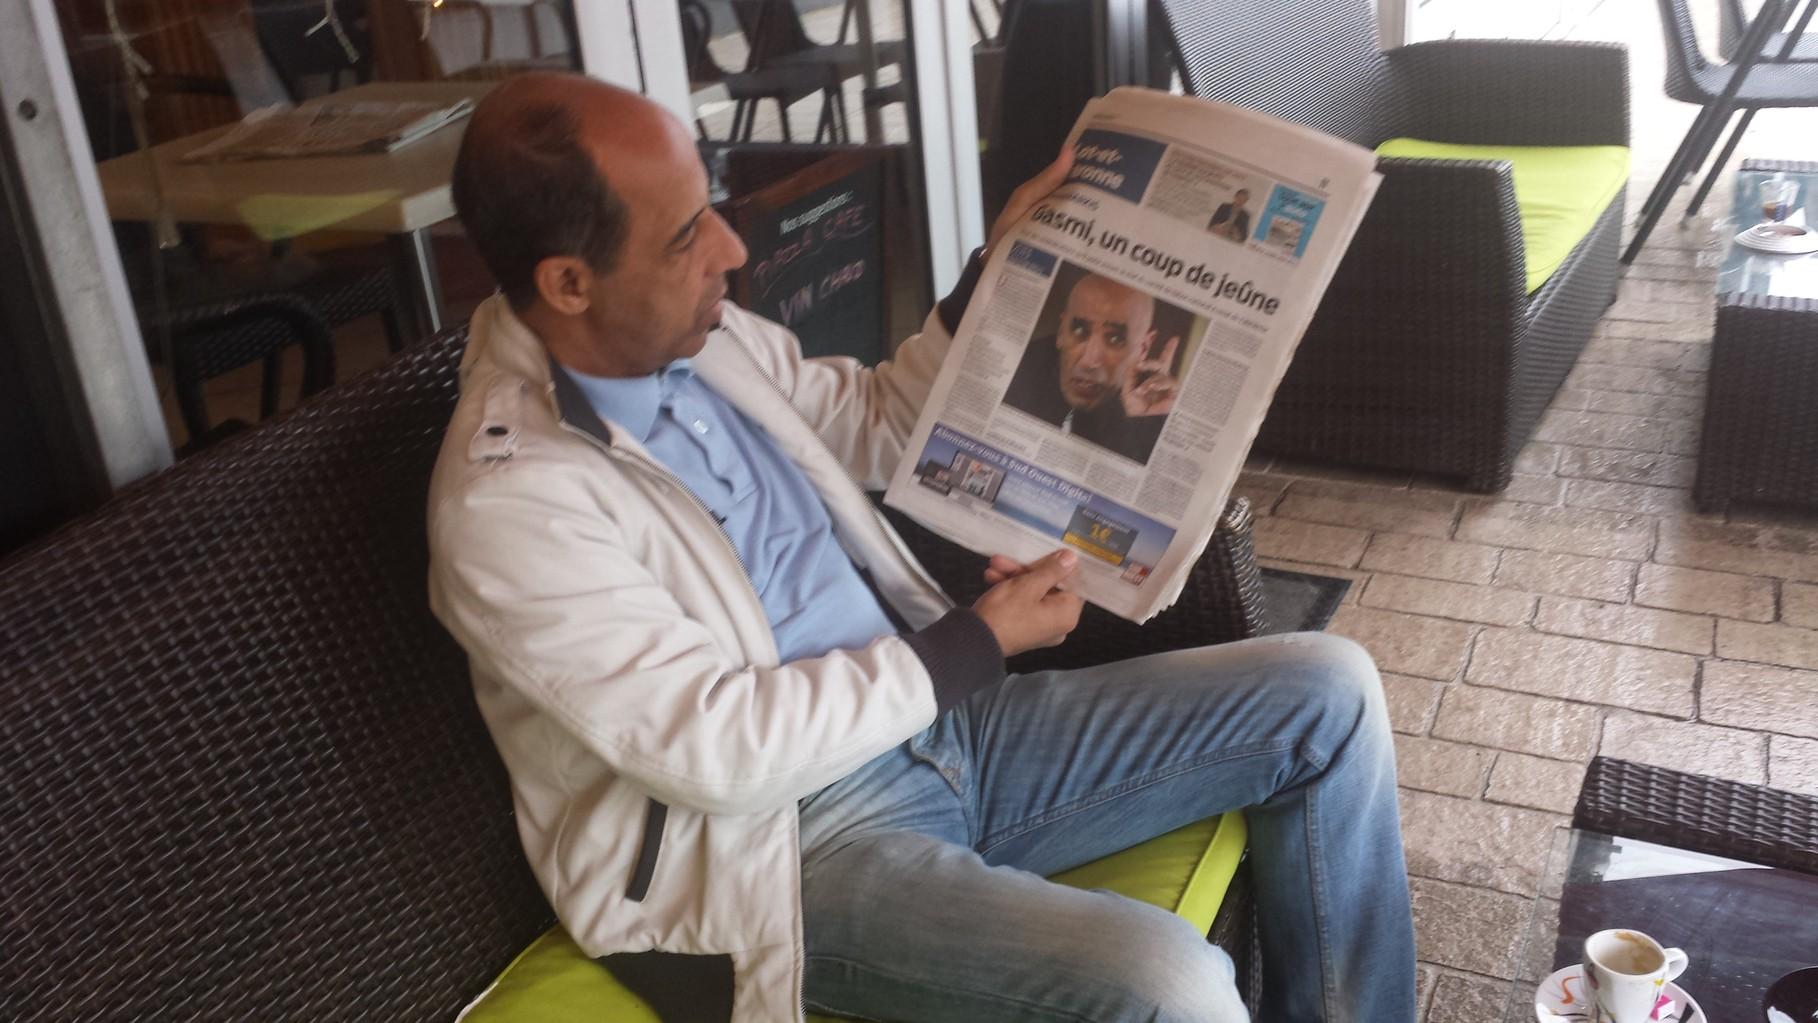 BOAZA GASMI TRÈS MÉDIATISÉ SUITE À SA GRÈVE DE LA FAIM POUR LA RECONNAISSANCE